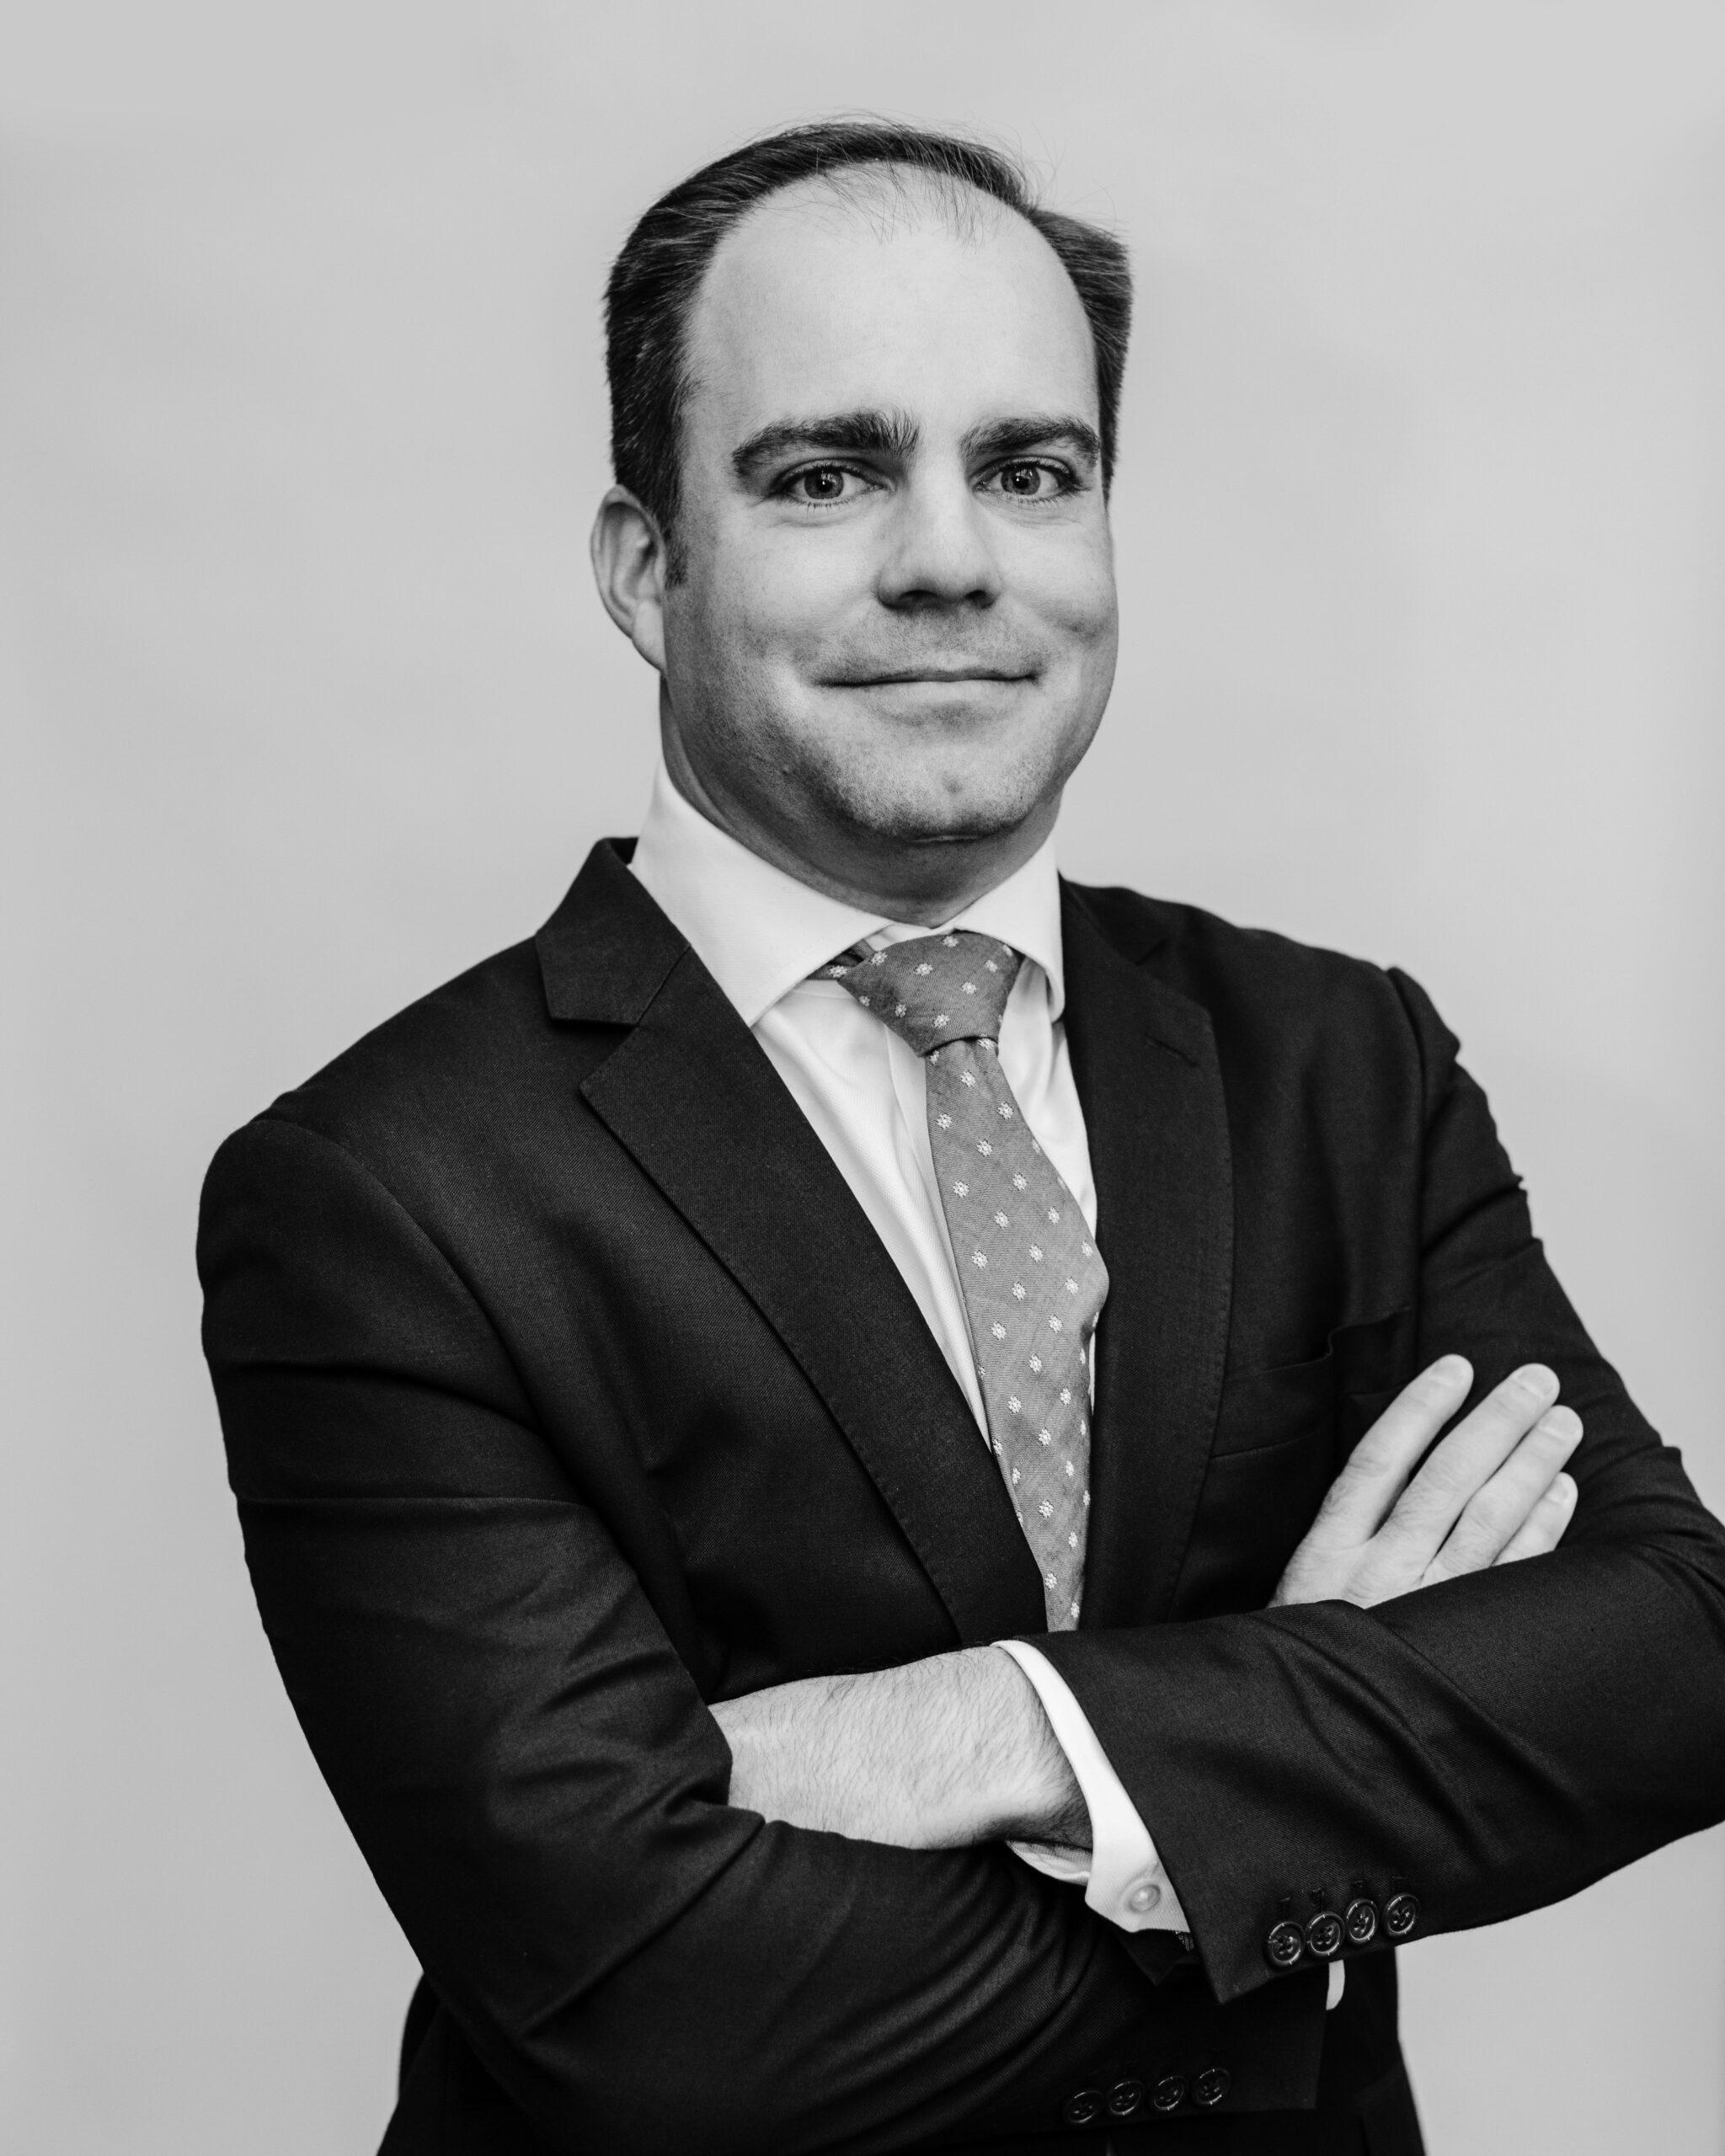 Dan Valenti, President